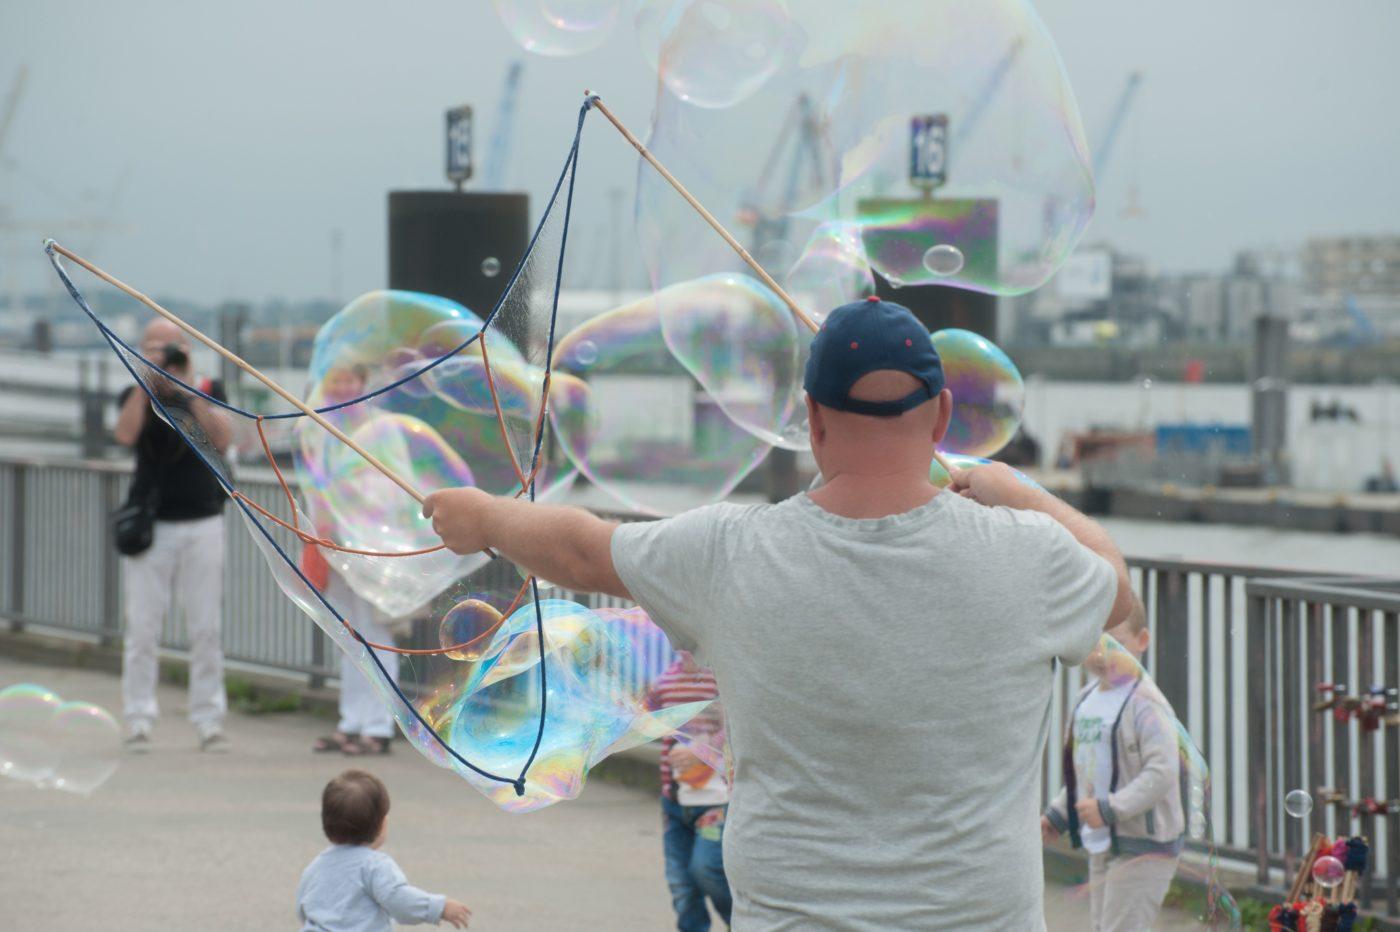 city break: artist making bubbles for tourists